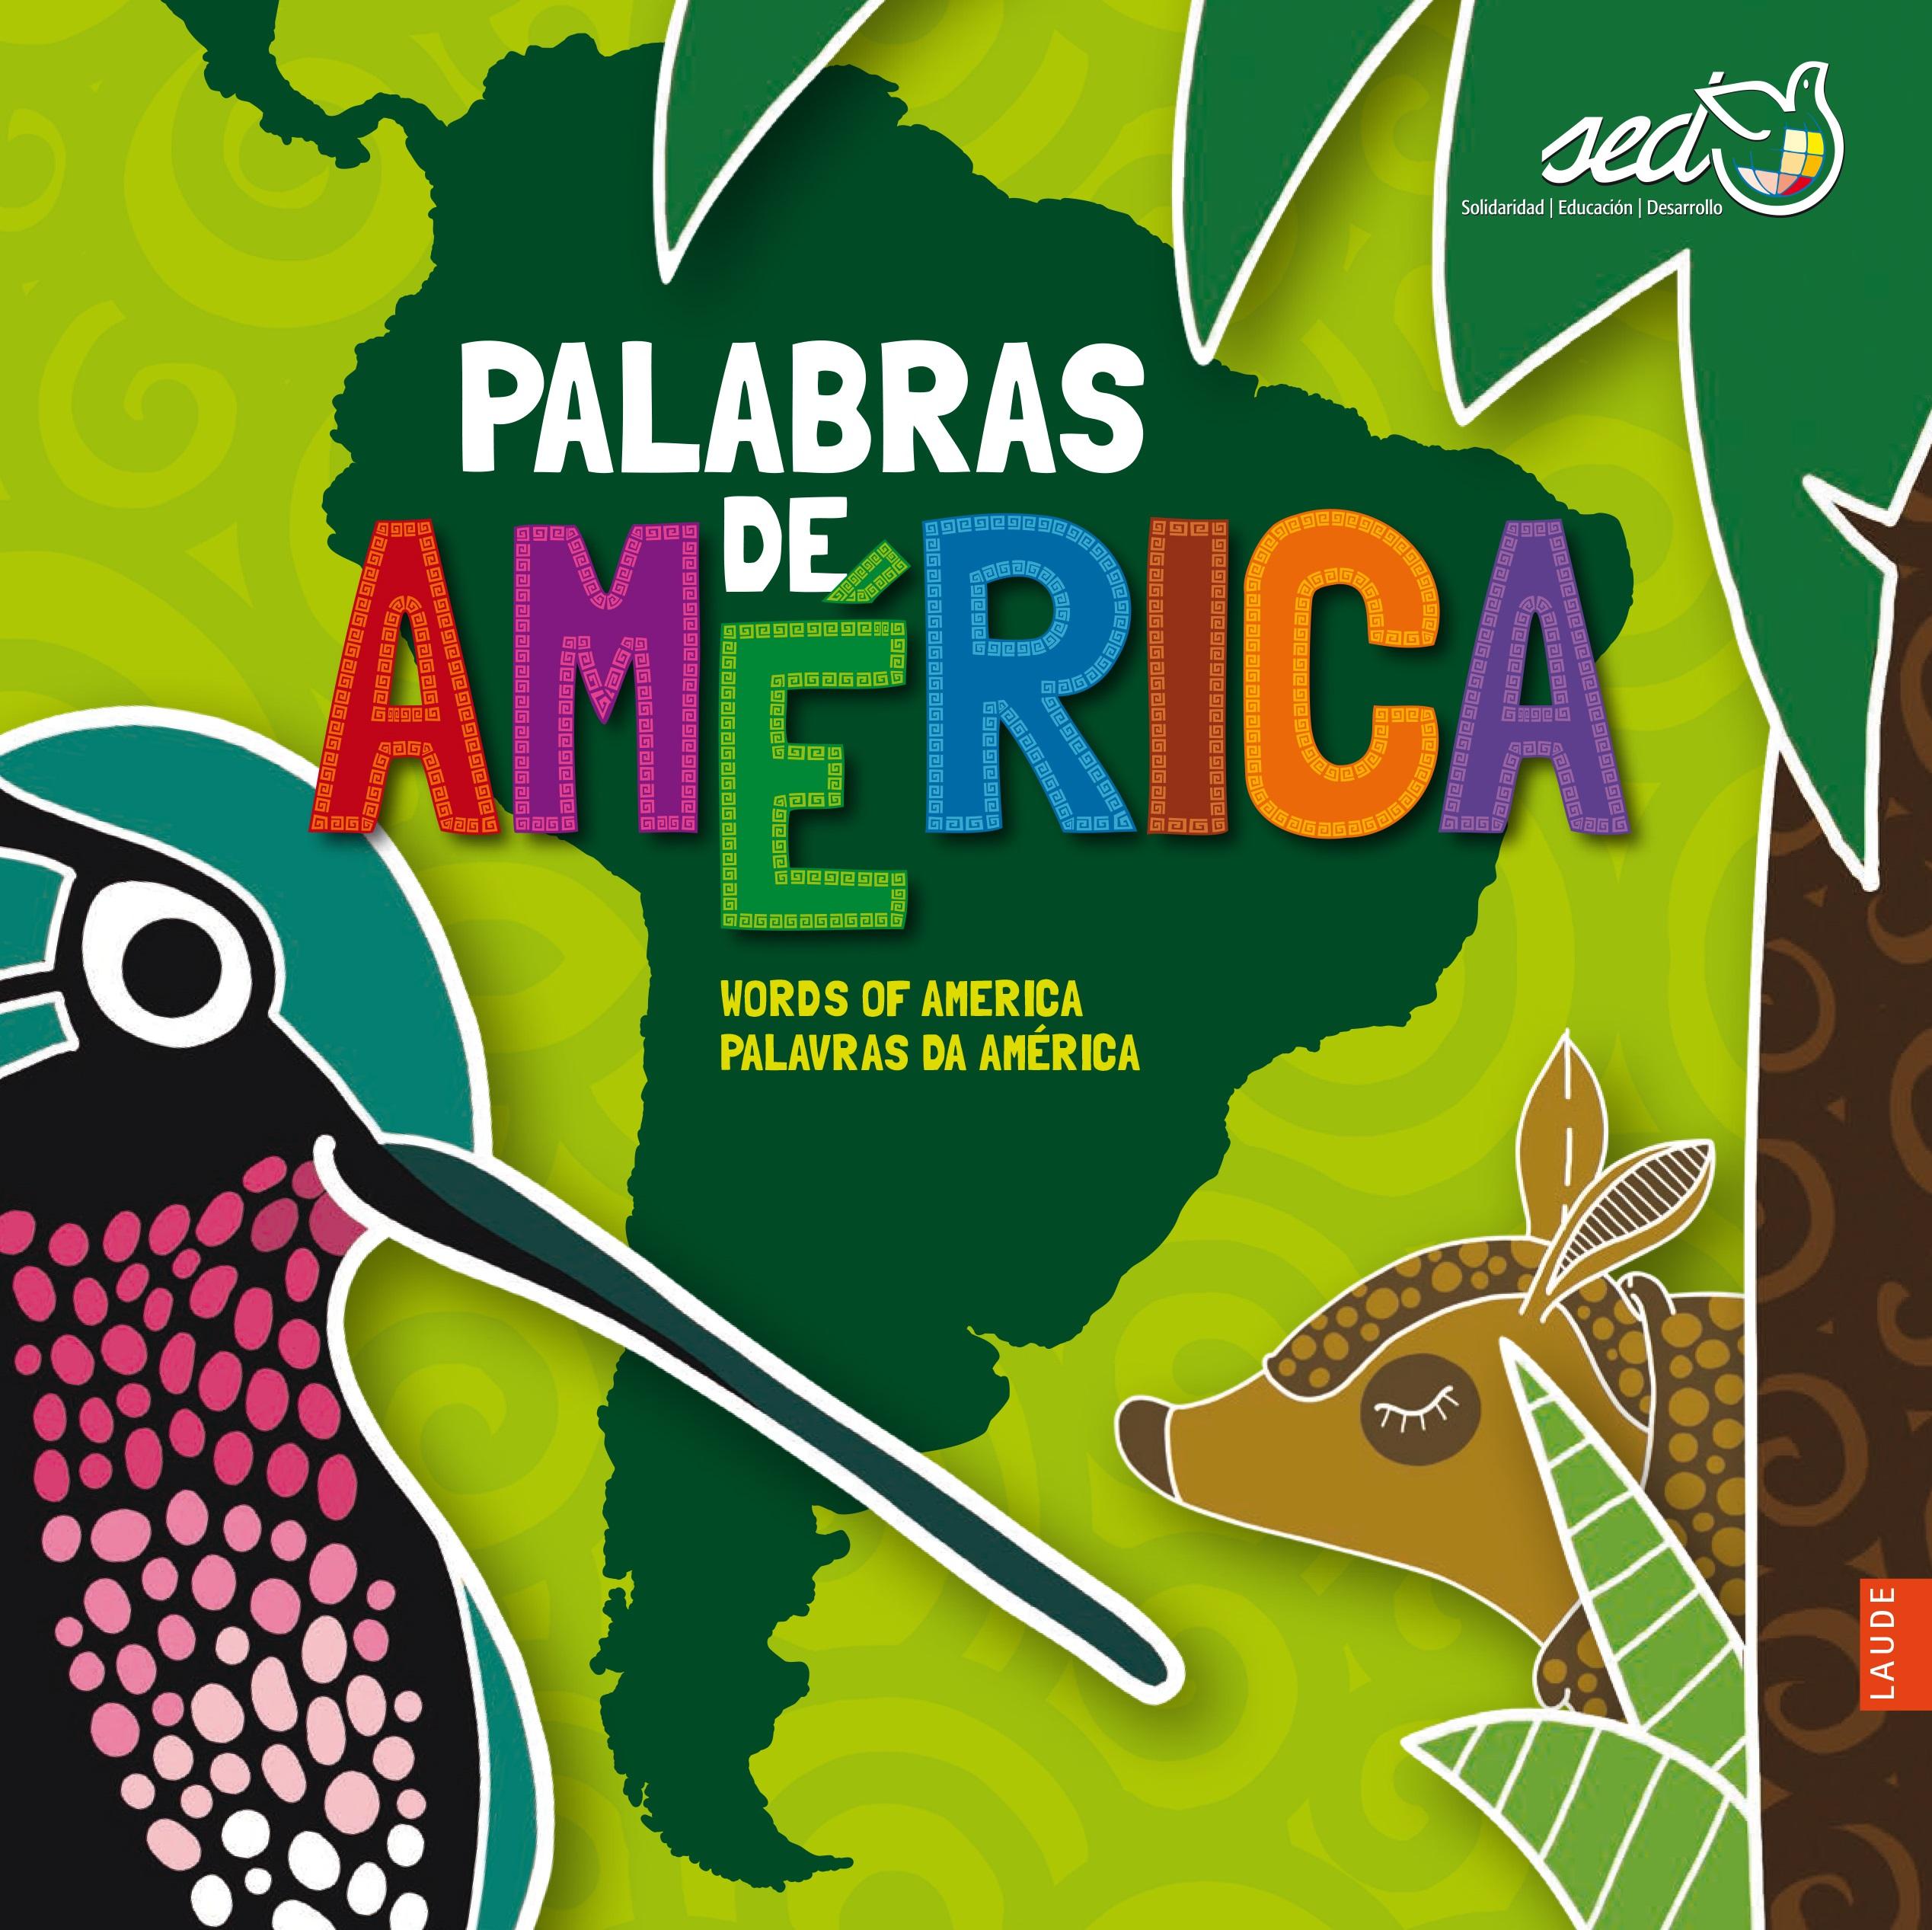 PortadaPalabrasAmerica